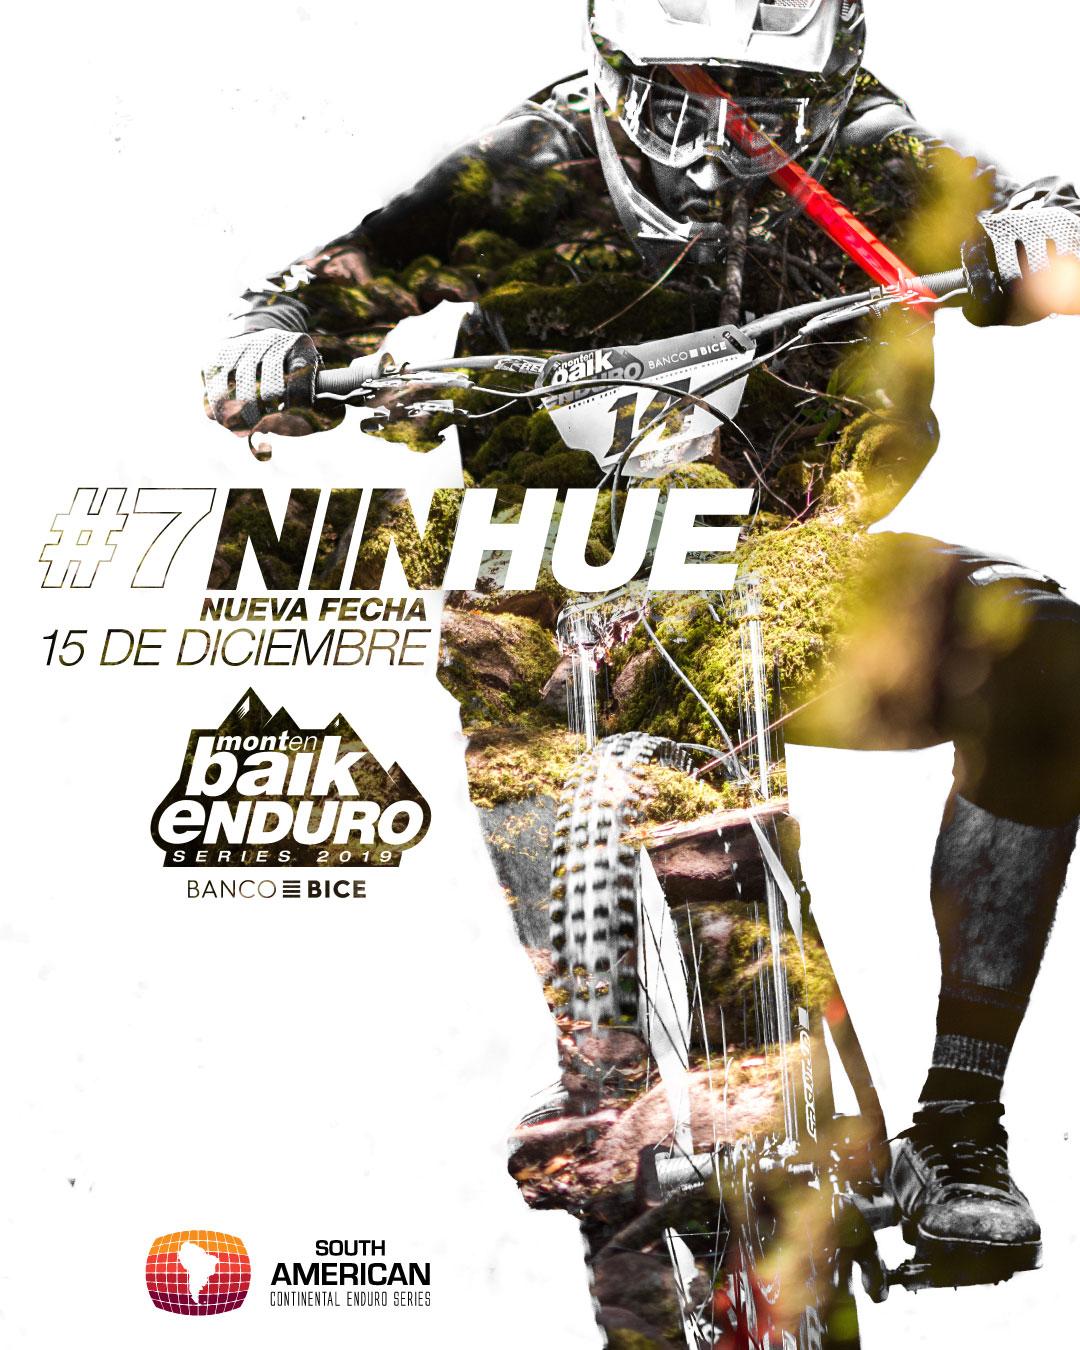 #7 NINHUE - Montenbaik Enduro Series by Banco Bice 2019